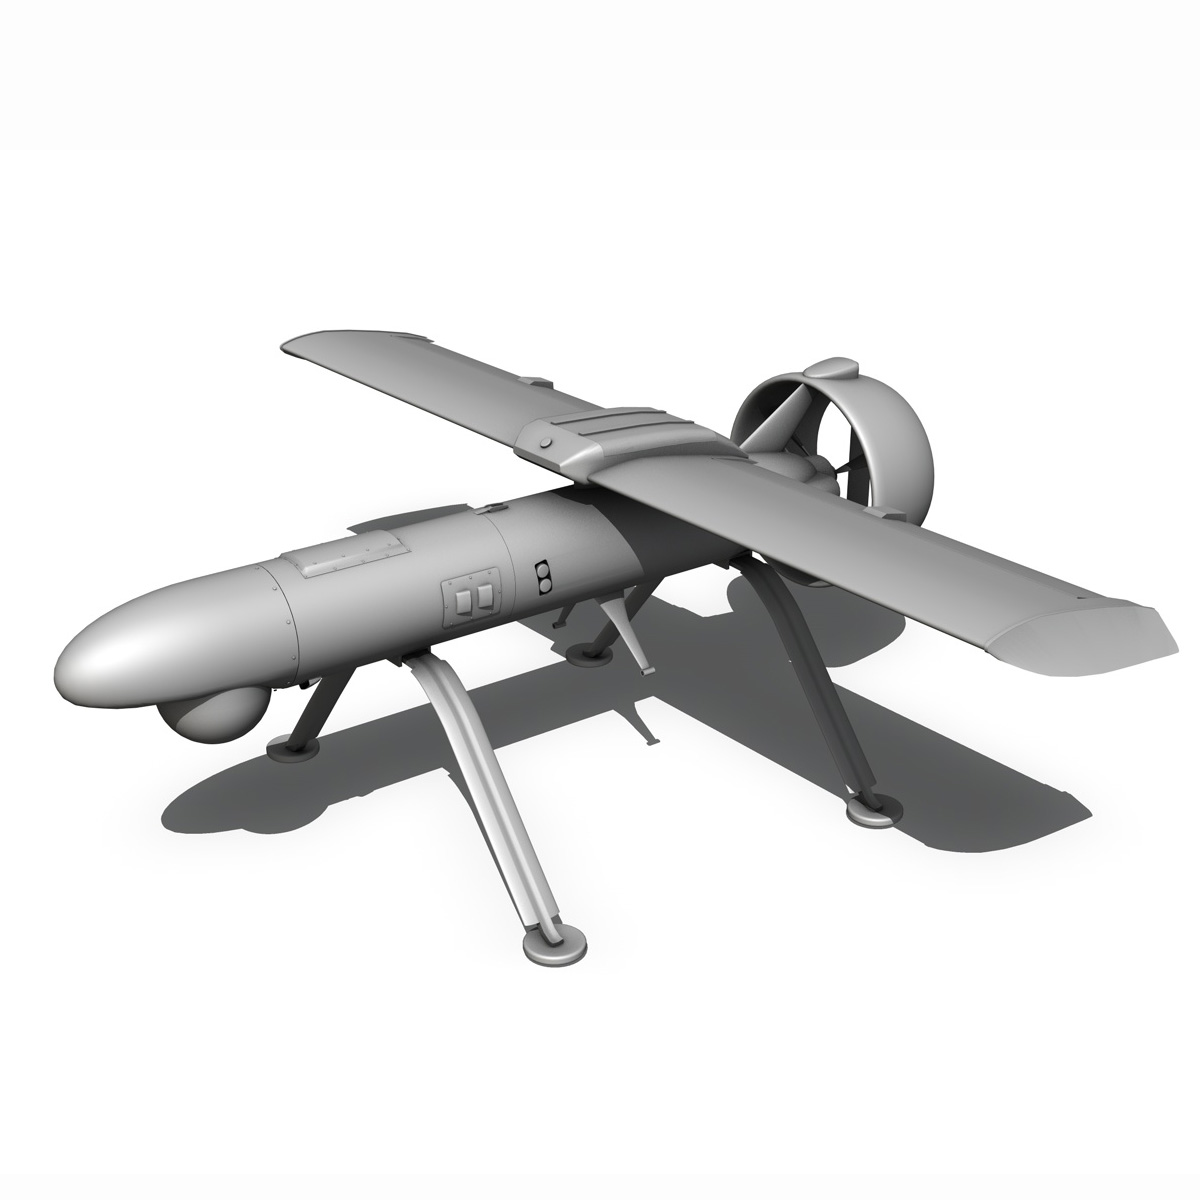 pchela 1t drone orosz uav 3d modell 3ds fbx c4d lwo obj 188468